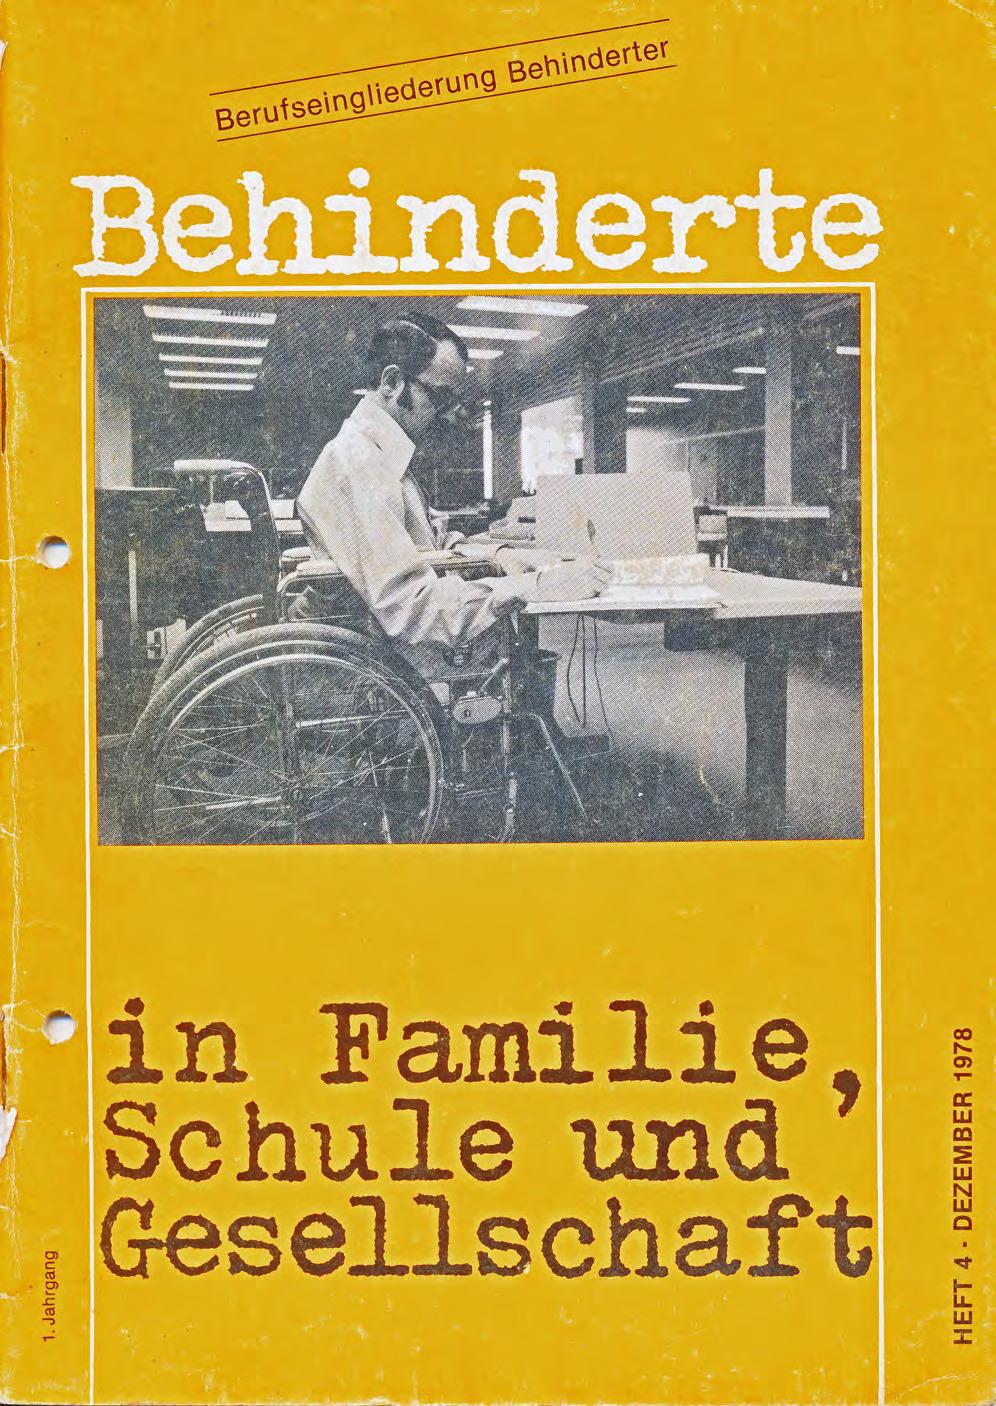 """Titelbild der Zeitschrift BEHINDERTE MENSCHEN, Ausgabe 4/1978 """"Berufseingliederung Behinderter"""""""